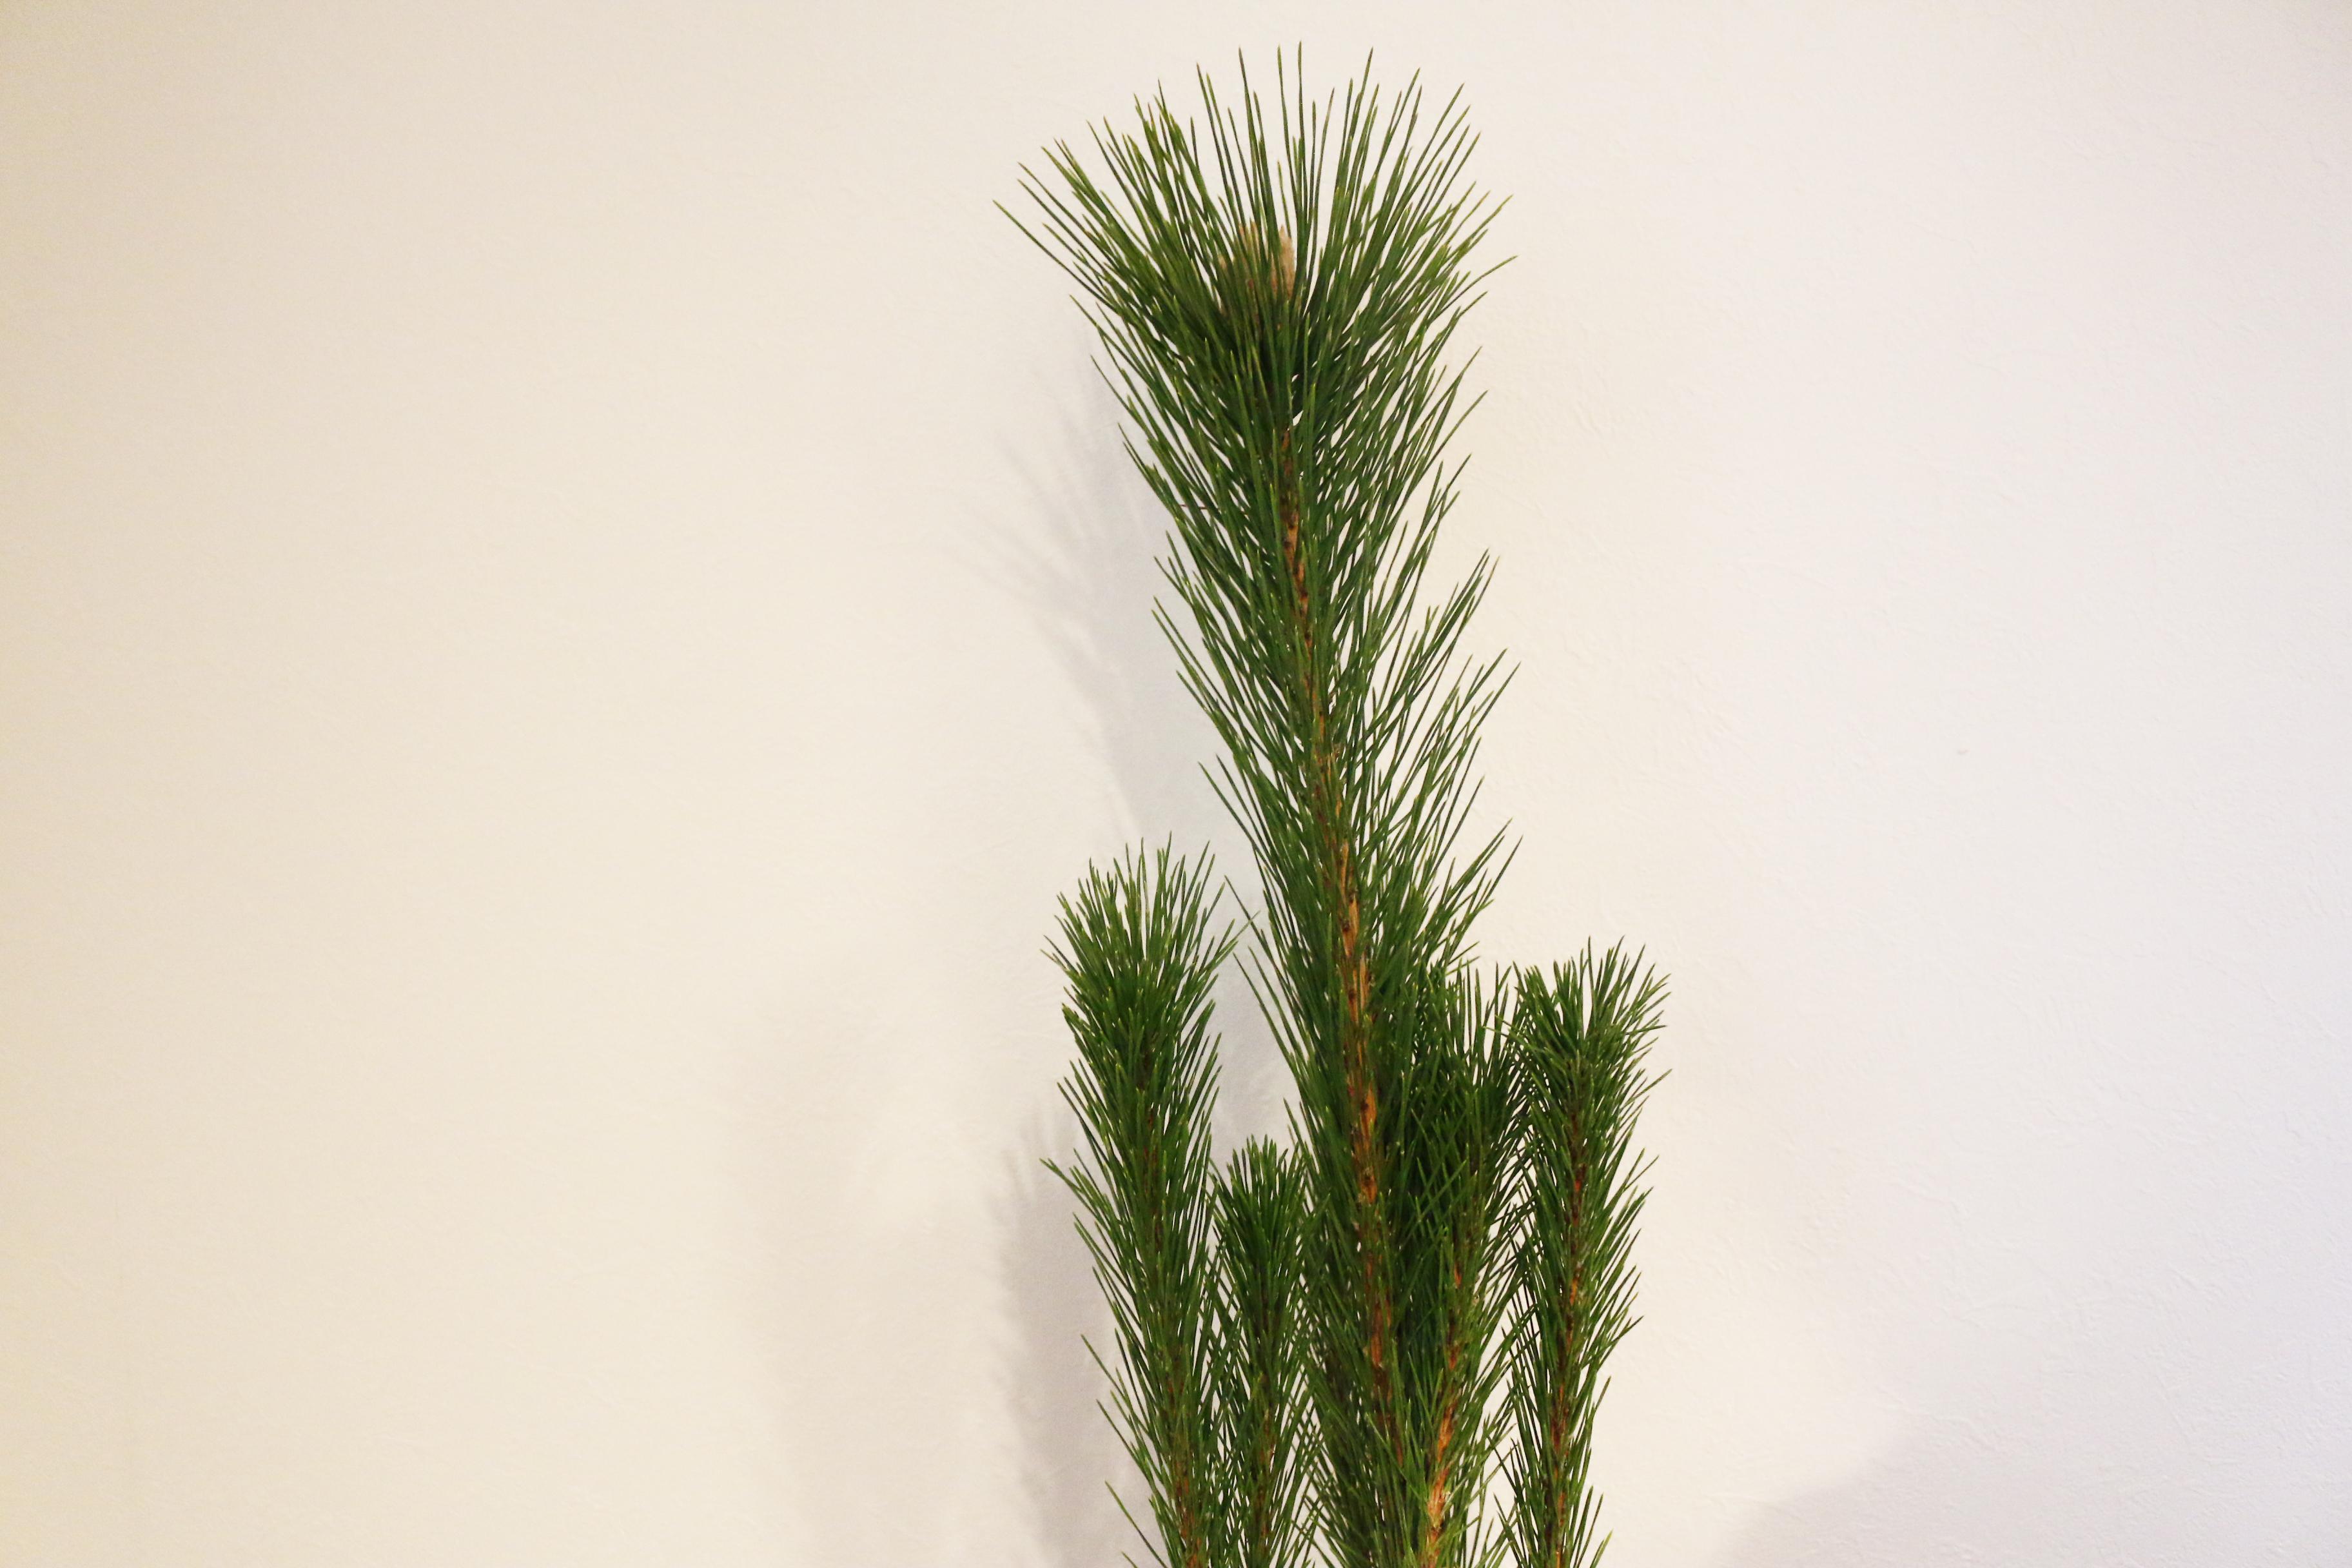 松は、昔から神様が待つ(マツ)や神様を祀るなど色々な意味合いが知られています。また、寒い時期でも常緑でいることから健康や長寿の祈願としても飾られます。神様の降りてくる木としても有名ですよね。  若松以外にも、大王松や根引き松など他にも種類があります。